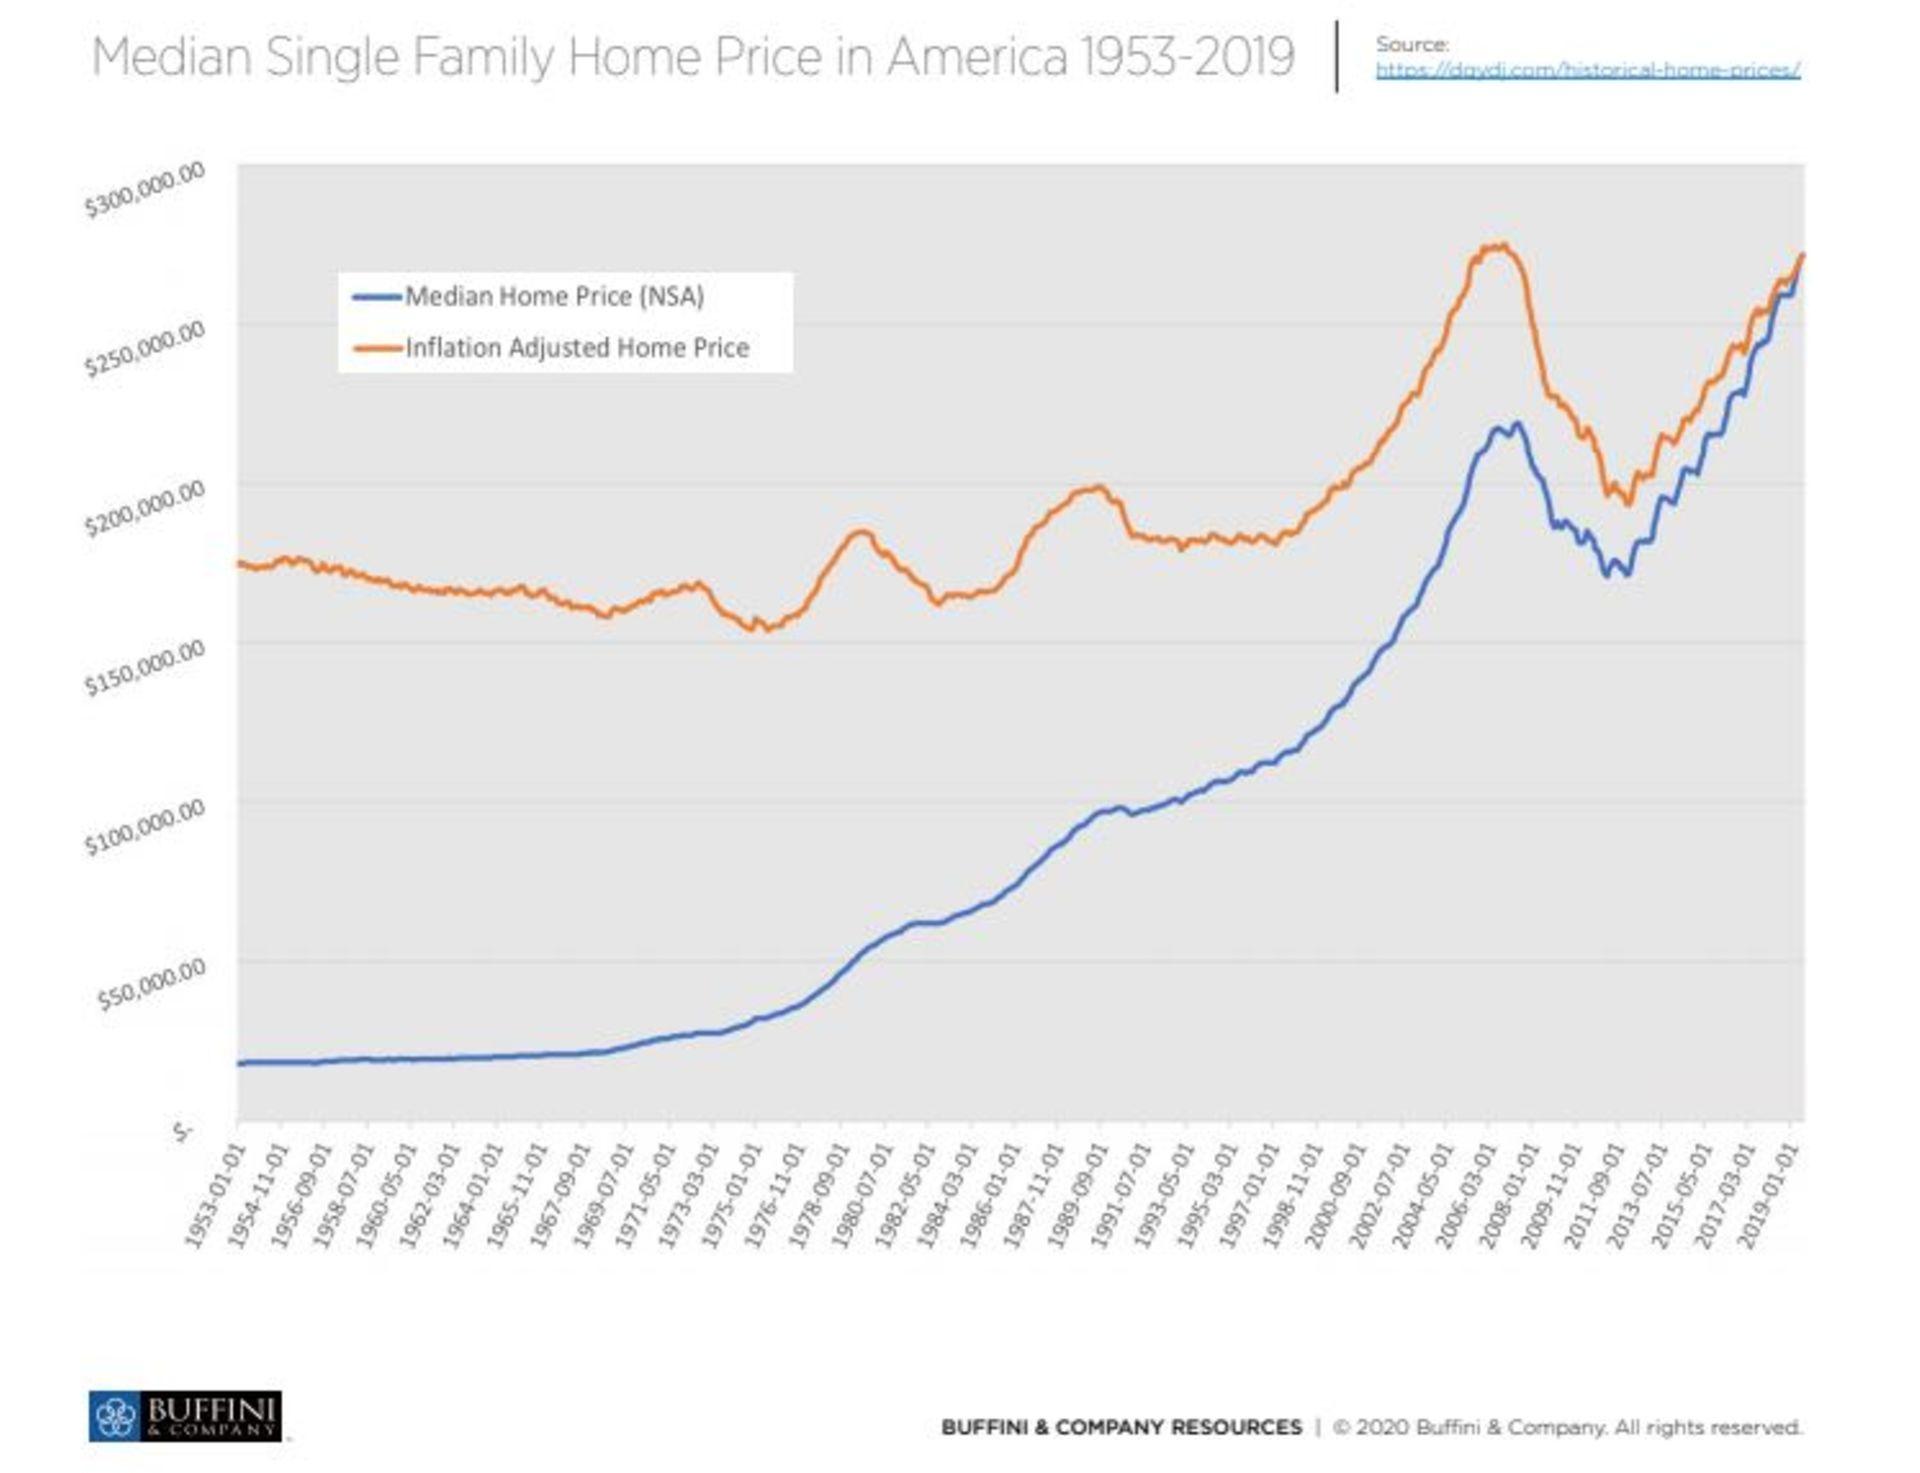 Median Single Family Home Price in America 1953-2019